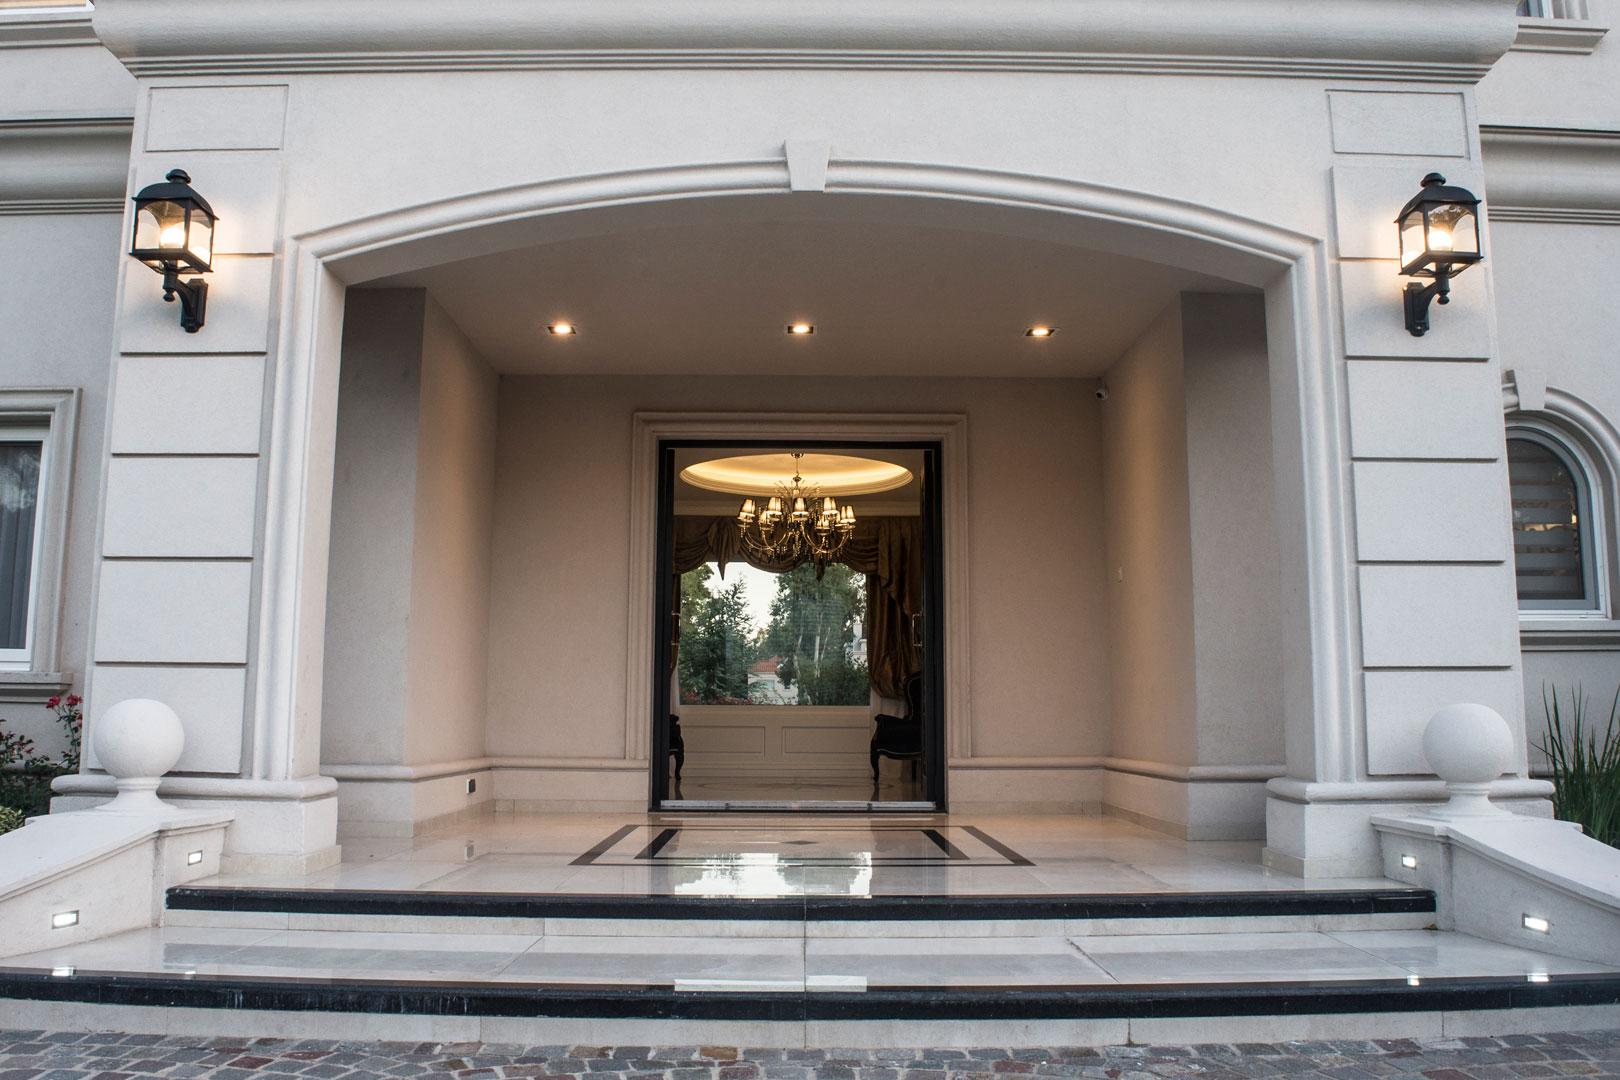 Estudio a r arquitectos casa estilo cl sico franc s - Estudio de arquitectos ...